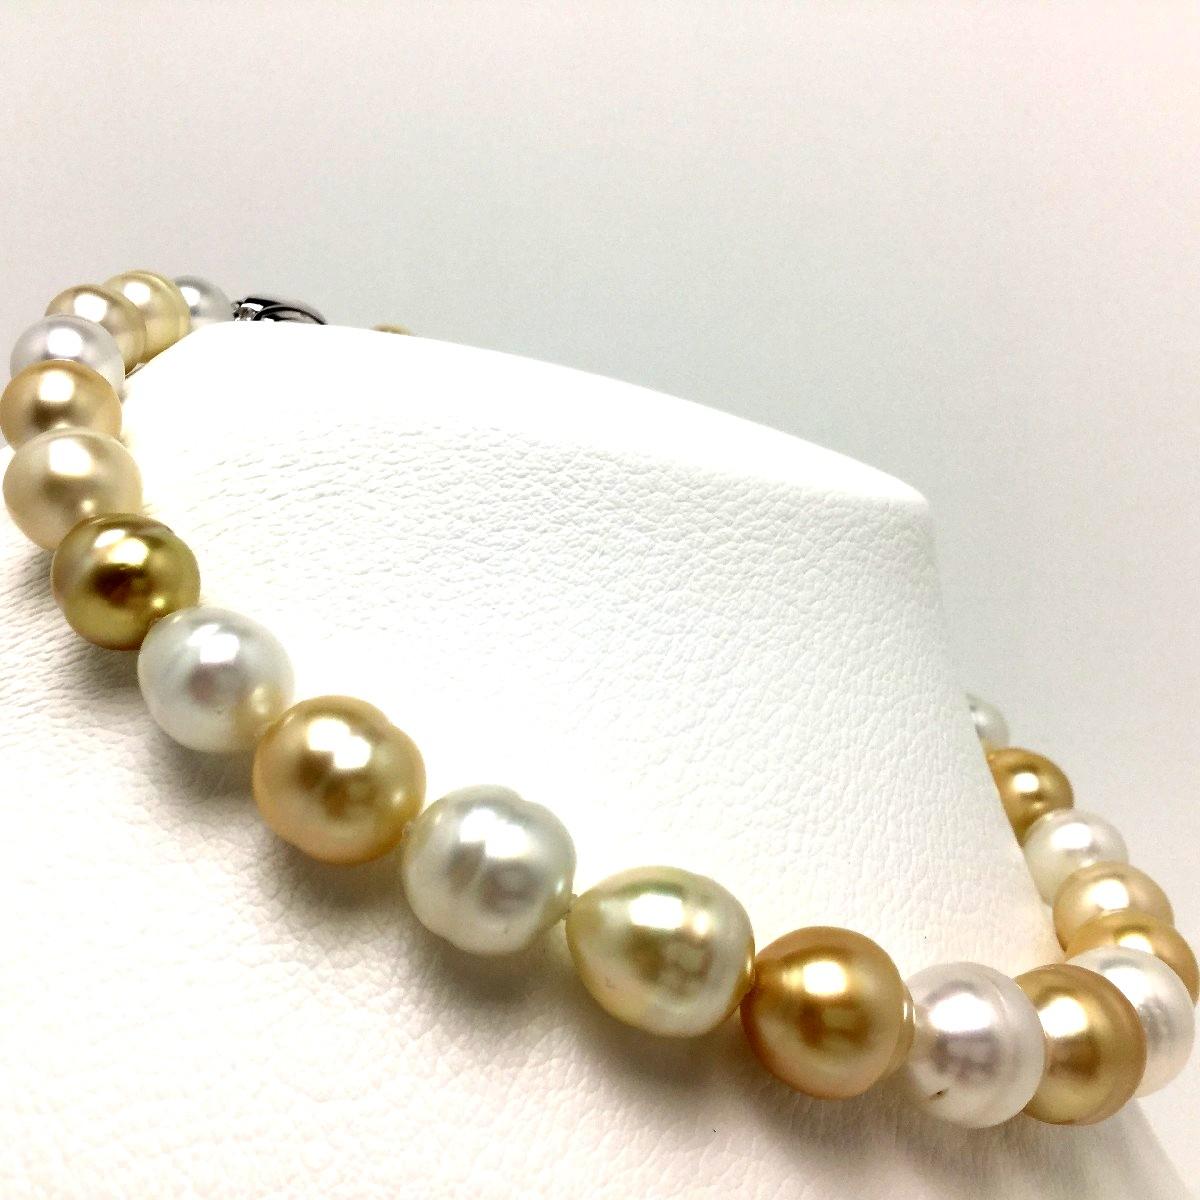 【半額】【50%OFF】真珠 ネックレス パール ナチュラルカラー 白蝶真珠 10.0-14.6mm マルチカラー シルバー クラスップ 66676 イソワパール